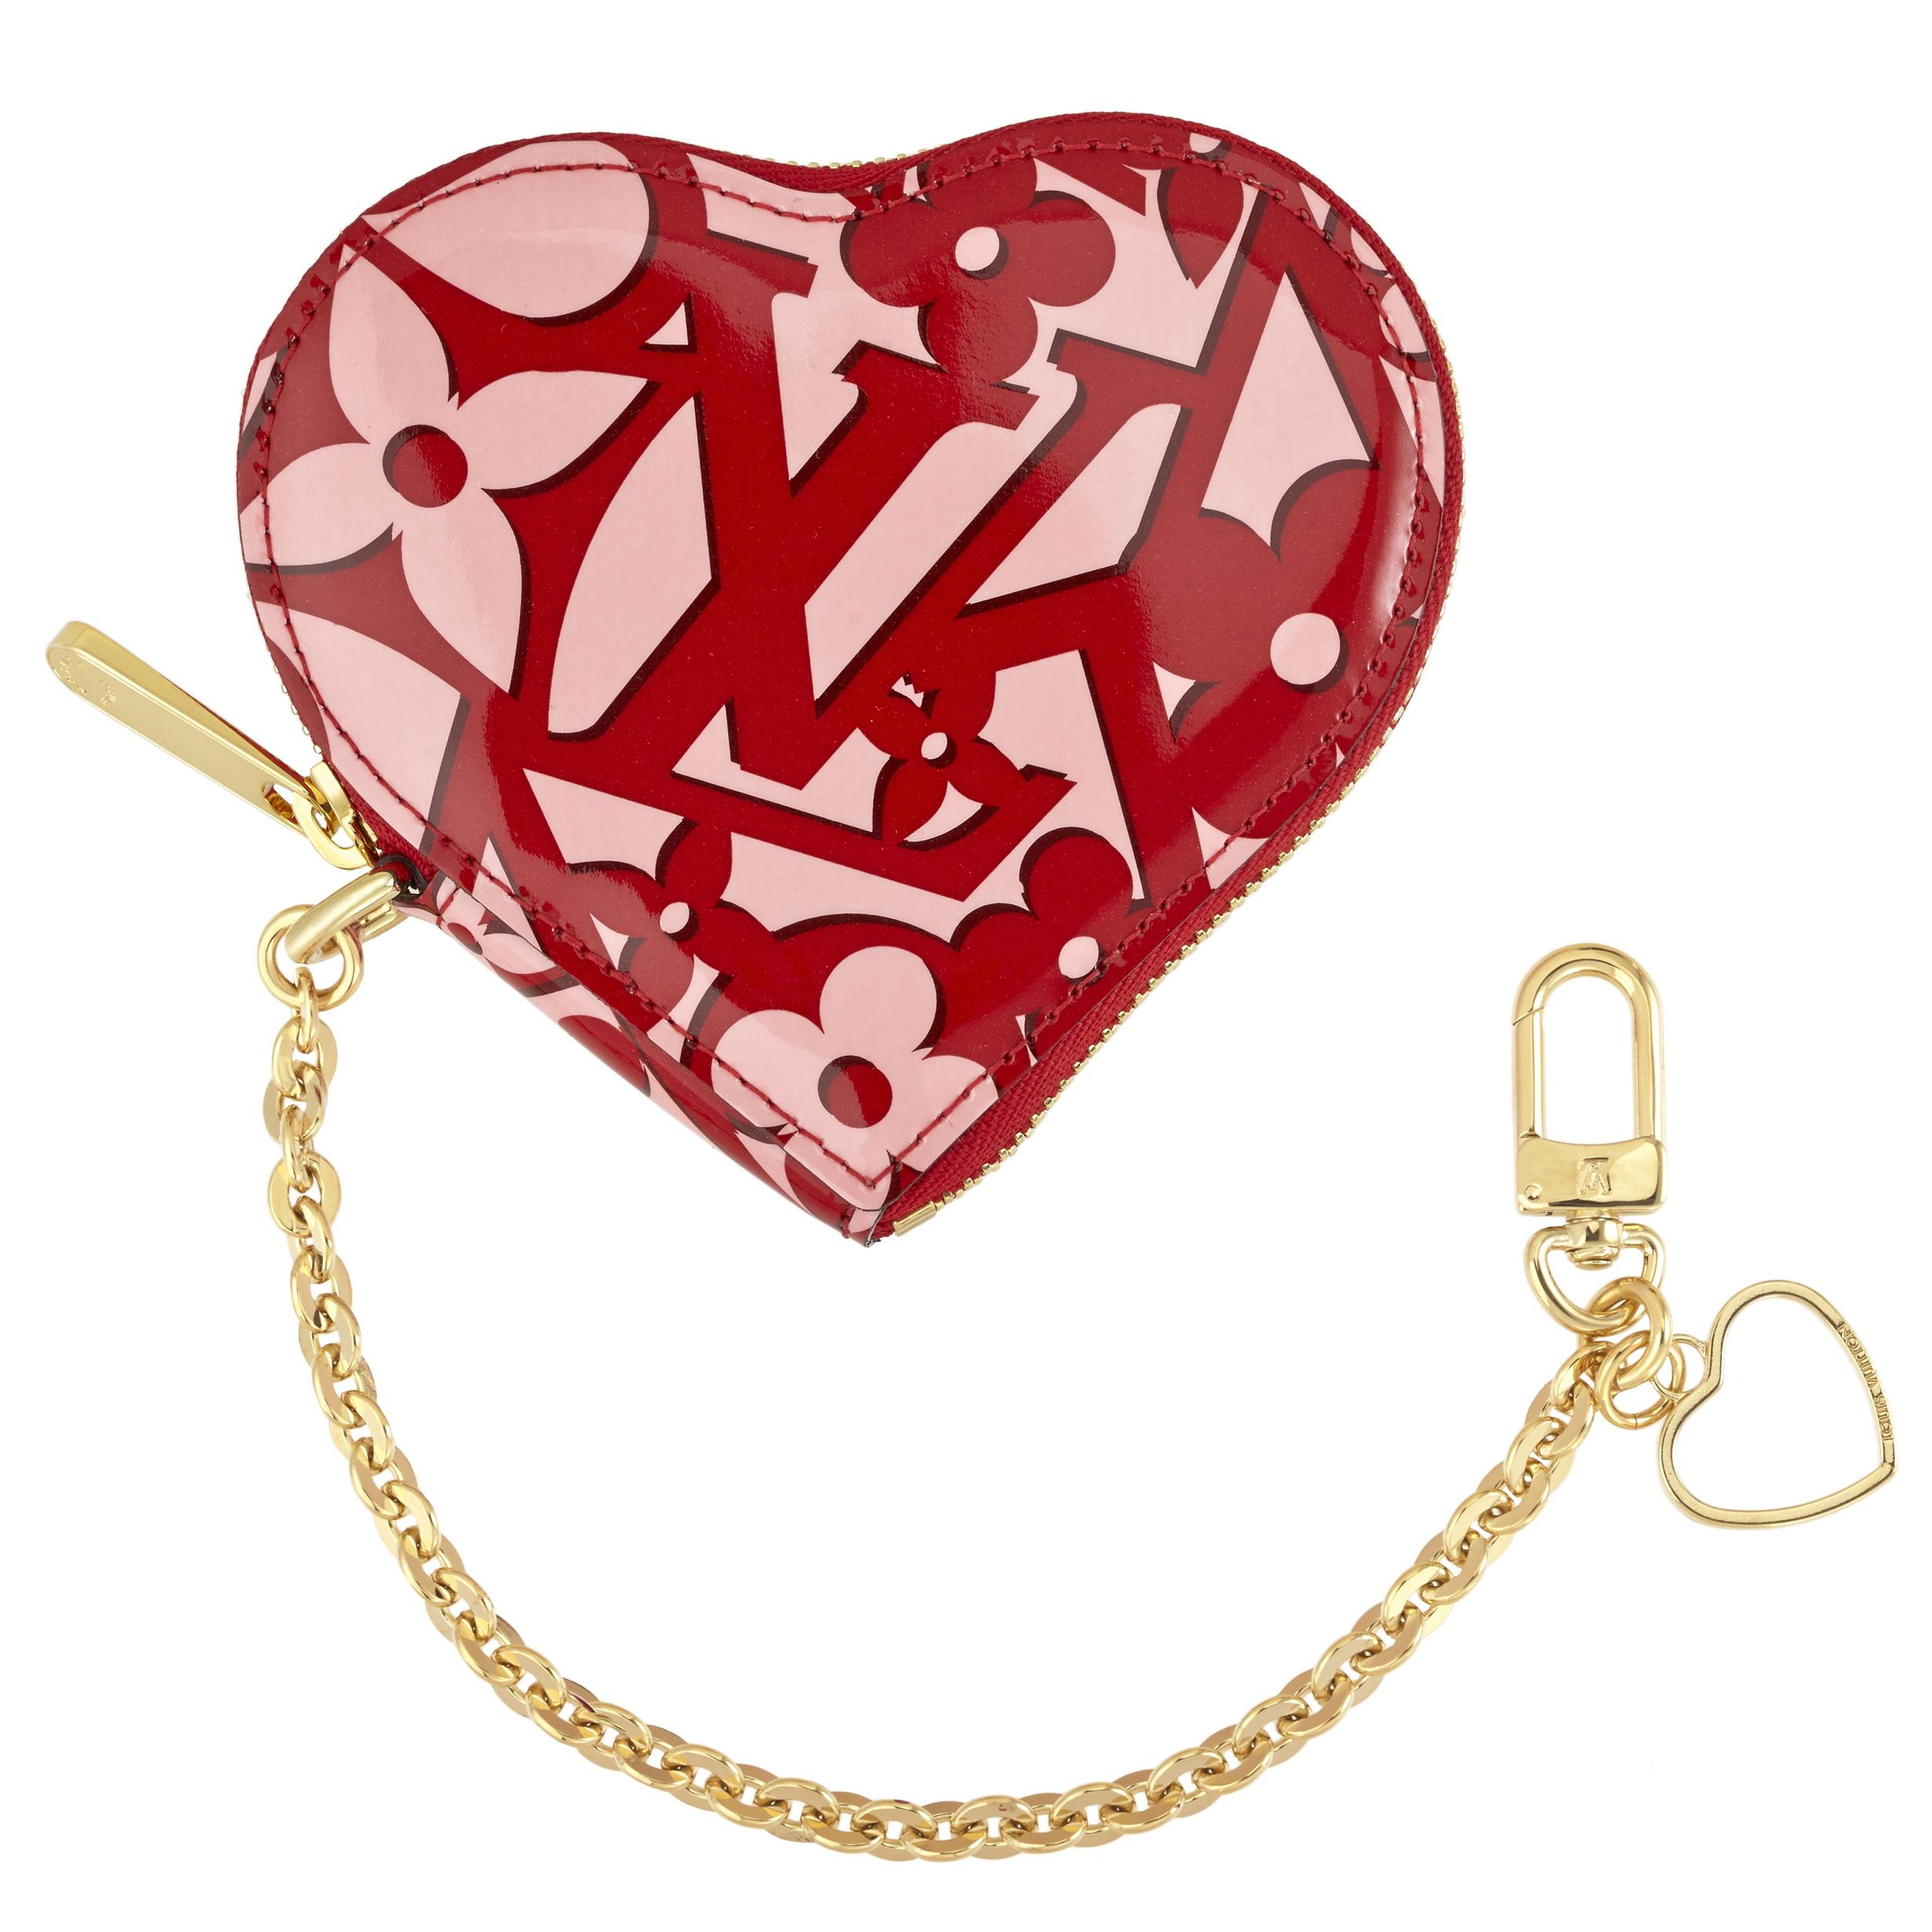 Louis Vuitton Sweet Monogram Ring